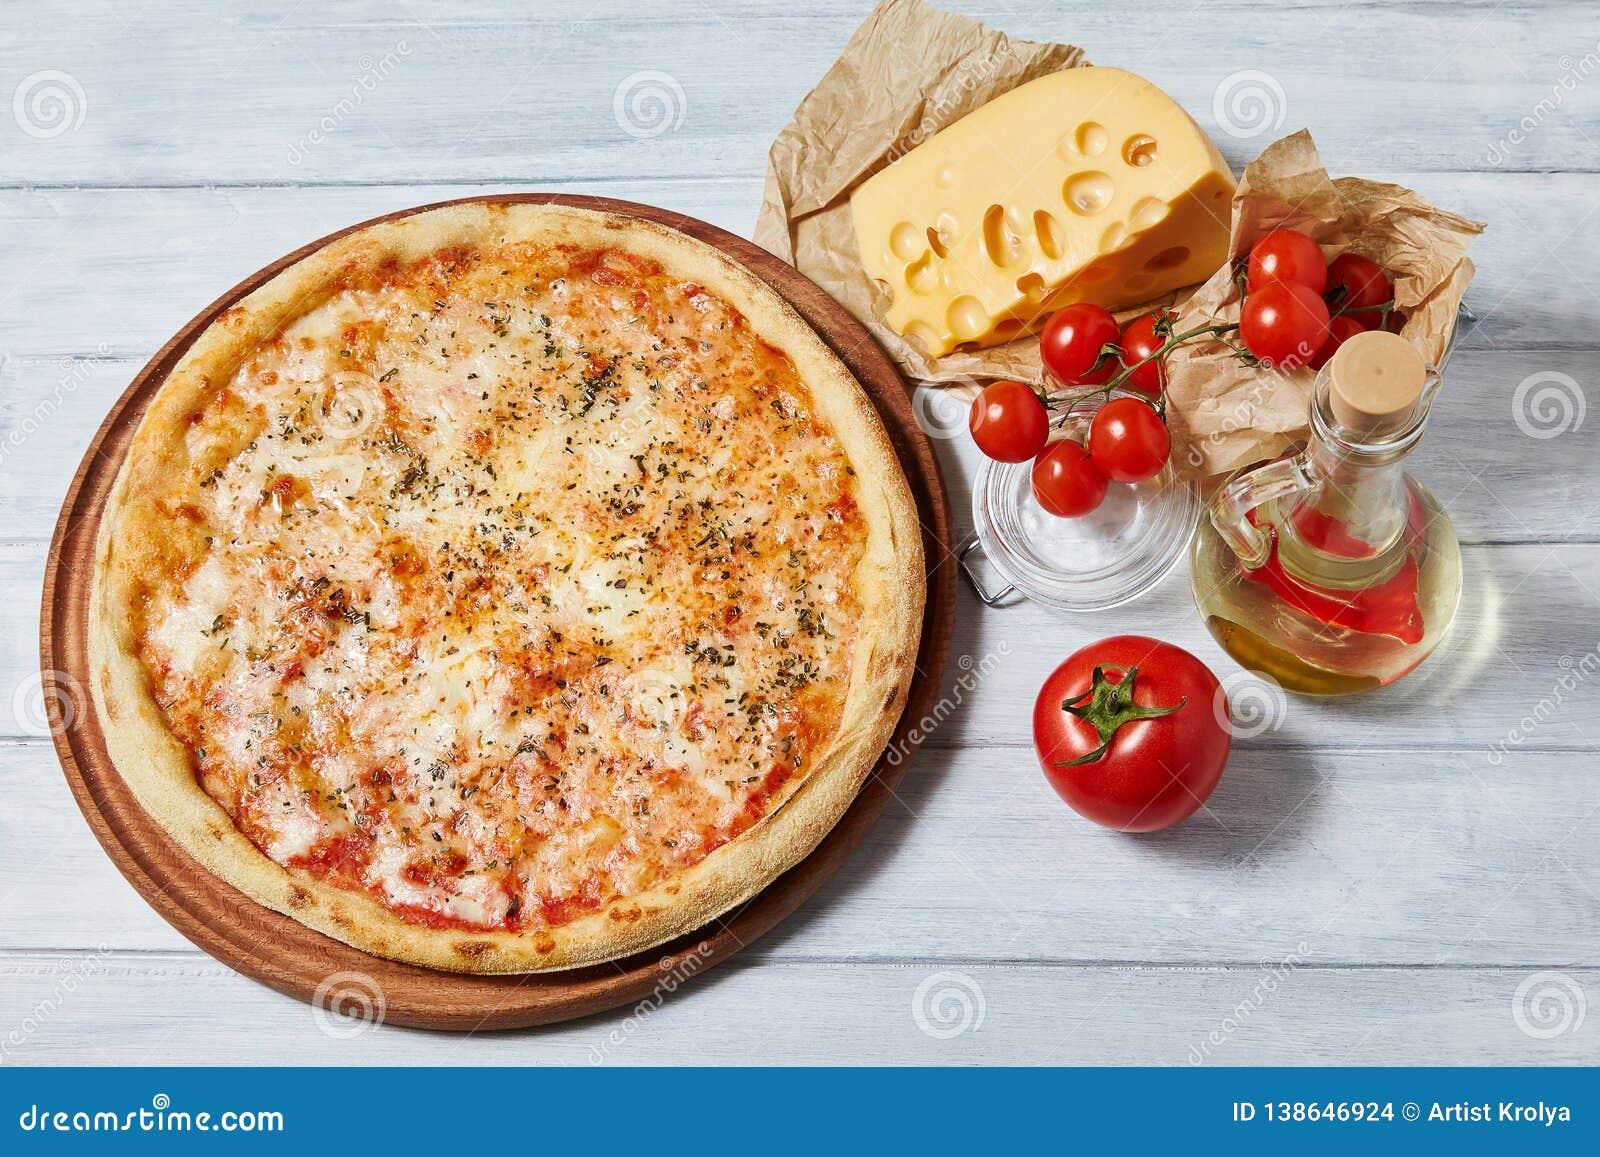 Testy margarita pizza with  tomato sauce, mozzarella